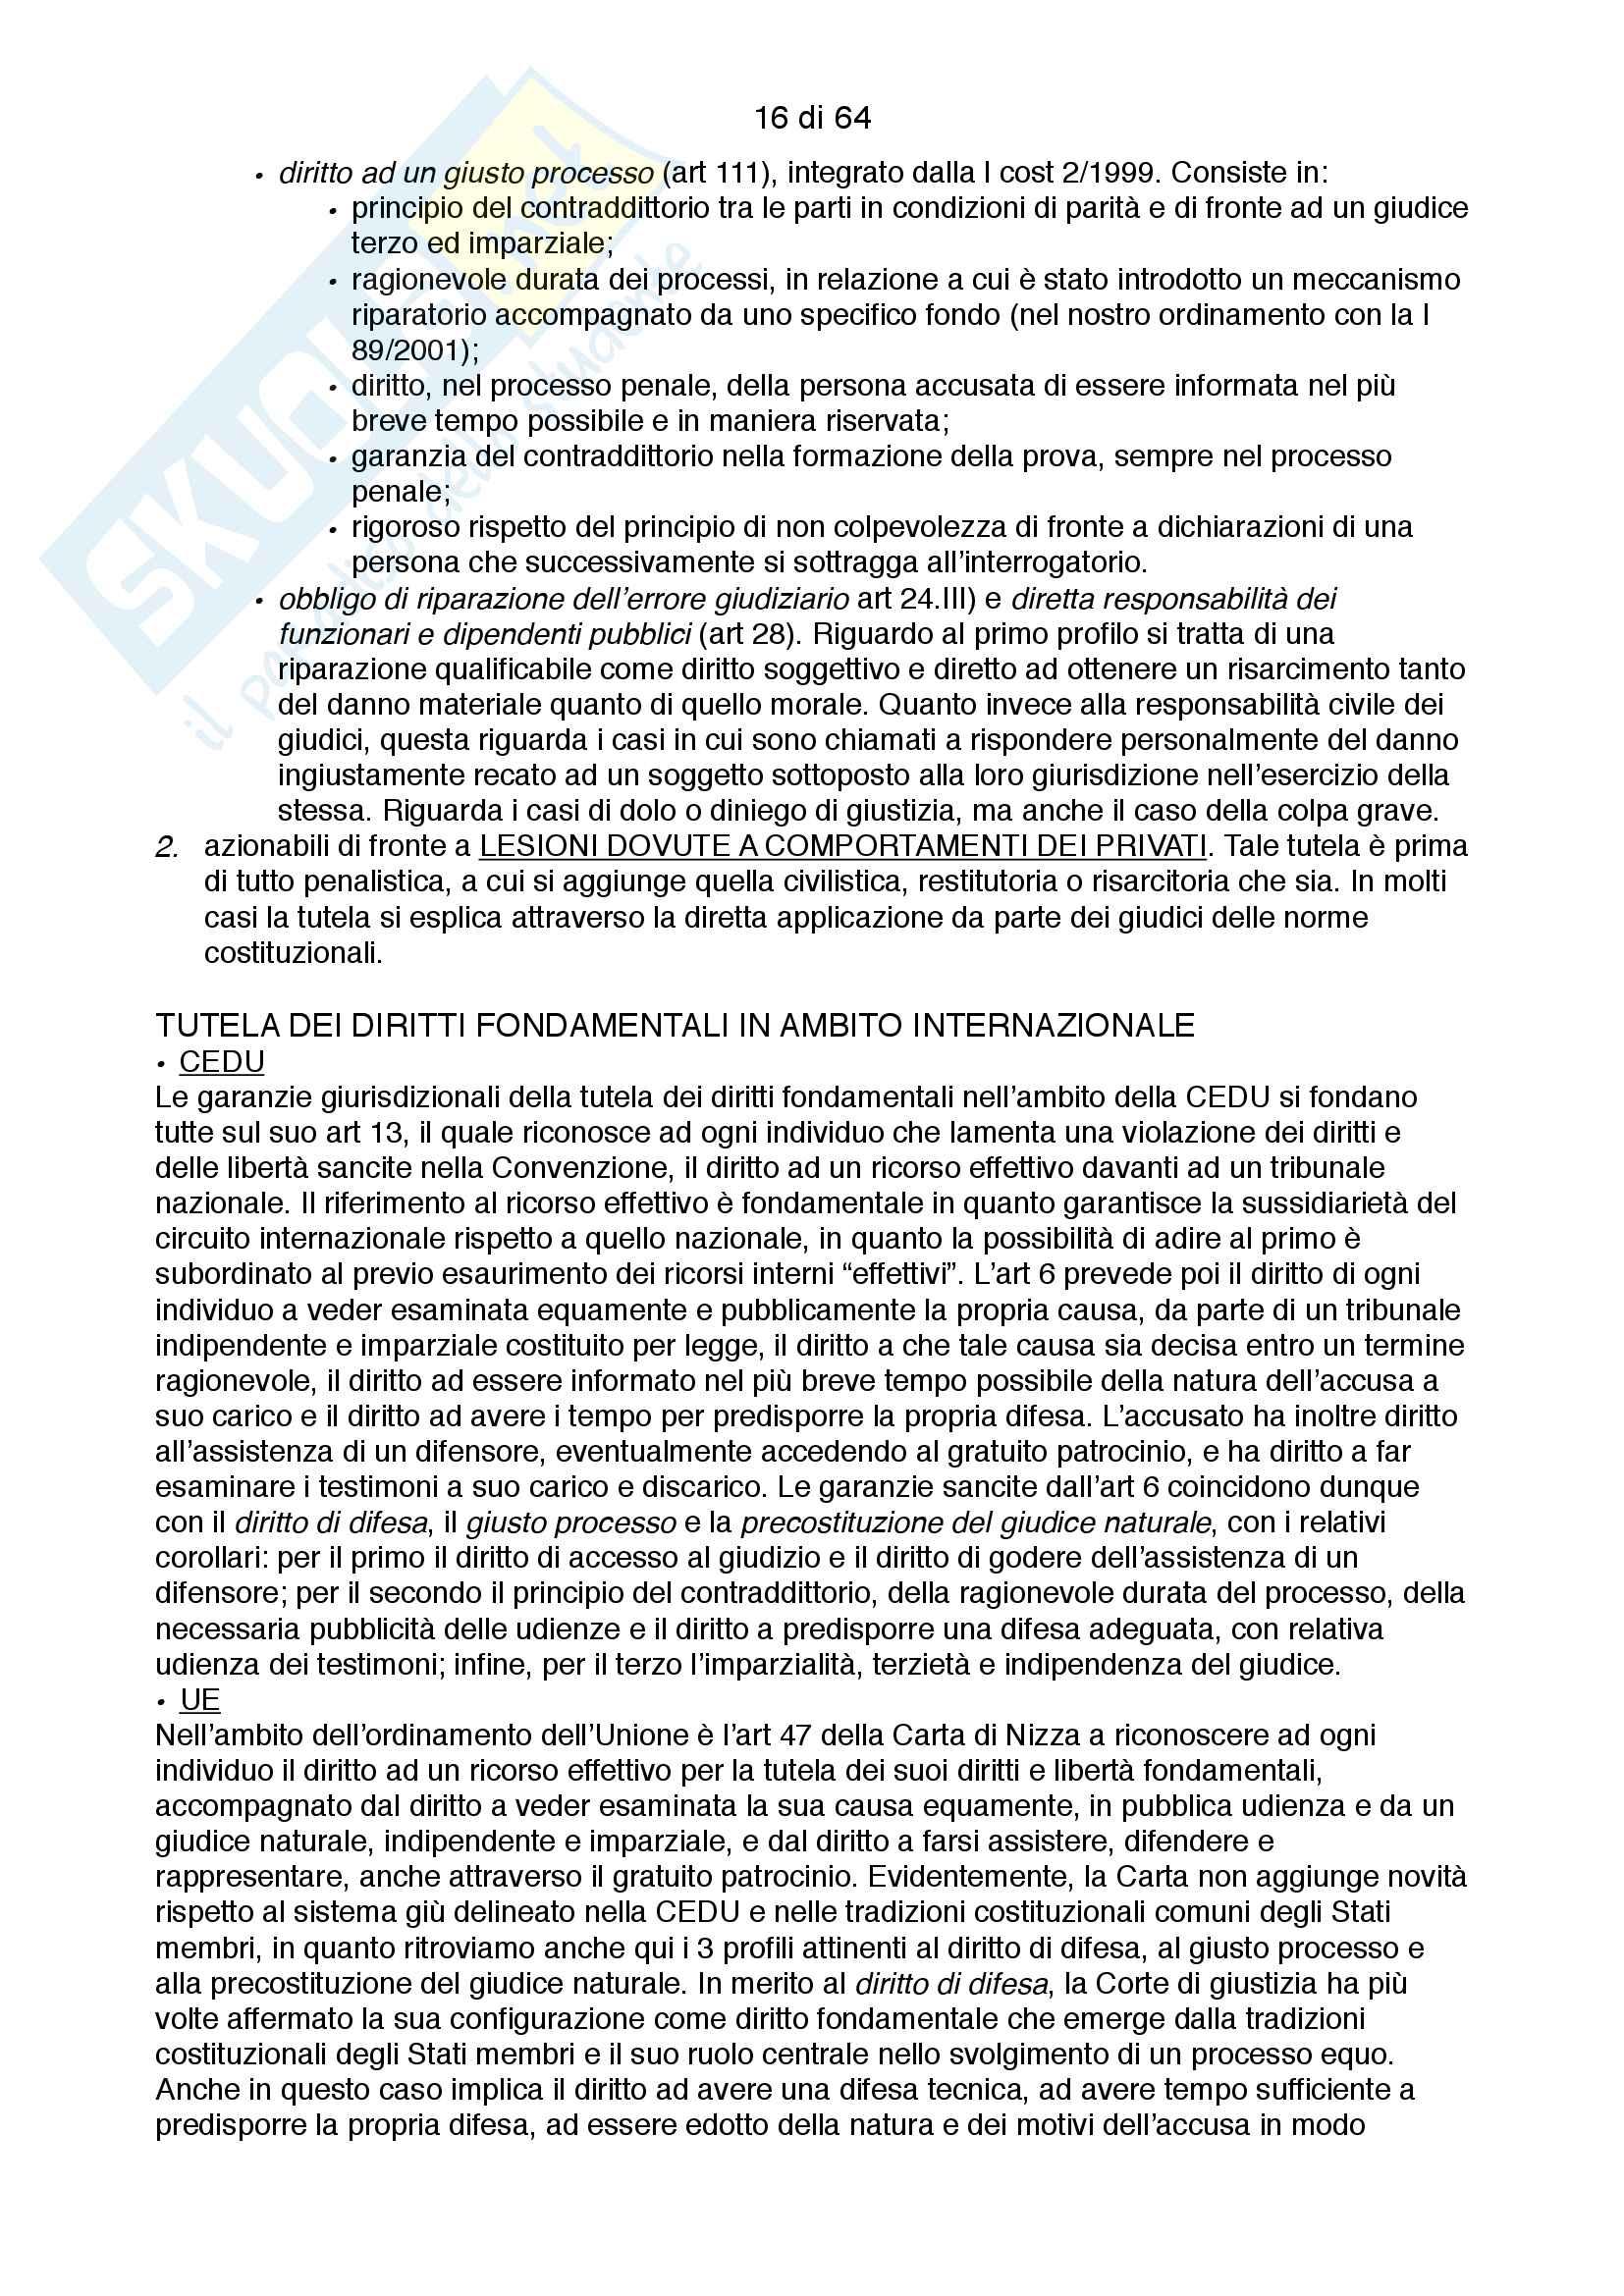 Riassunto esame costituzionale II, testo consigliato I diritti fondamentali, autore Paolo Caretti Pag. 16